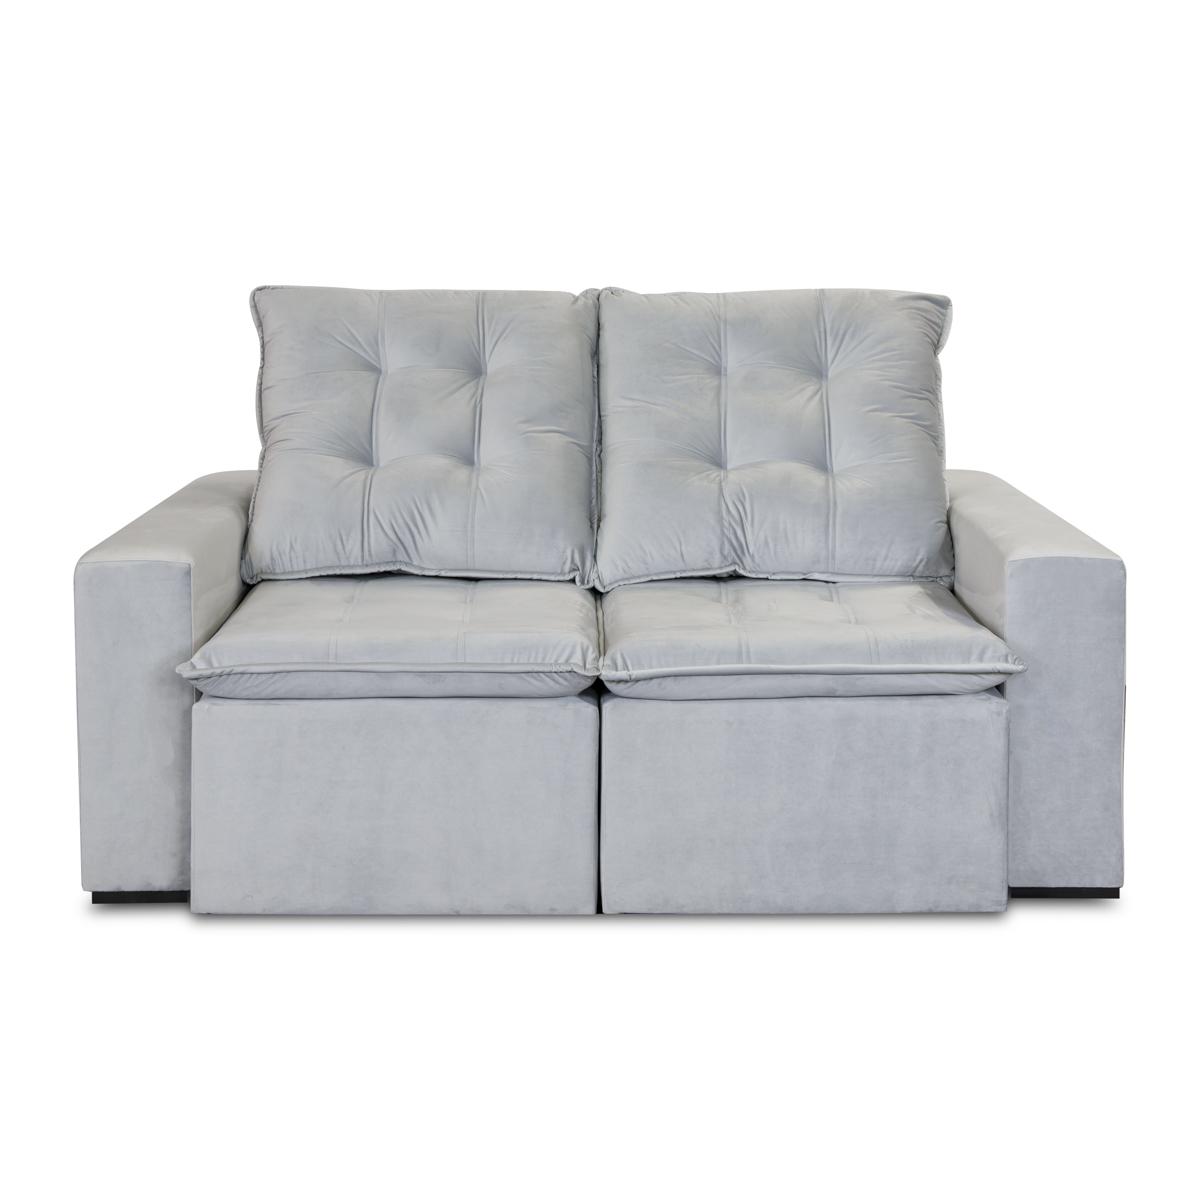 Sofá Retrátil e Reclinável 180cm Trento Cinza  - Formato Móveis e Decorações